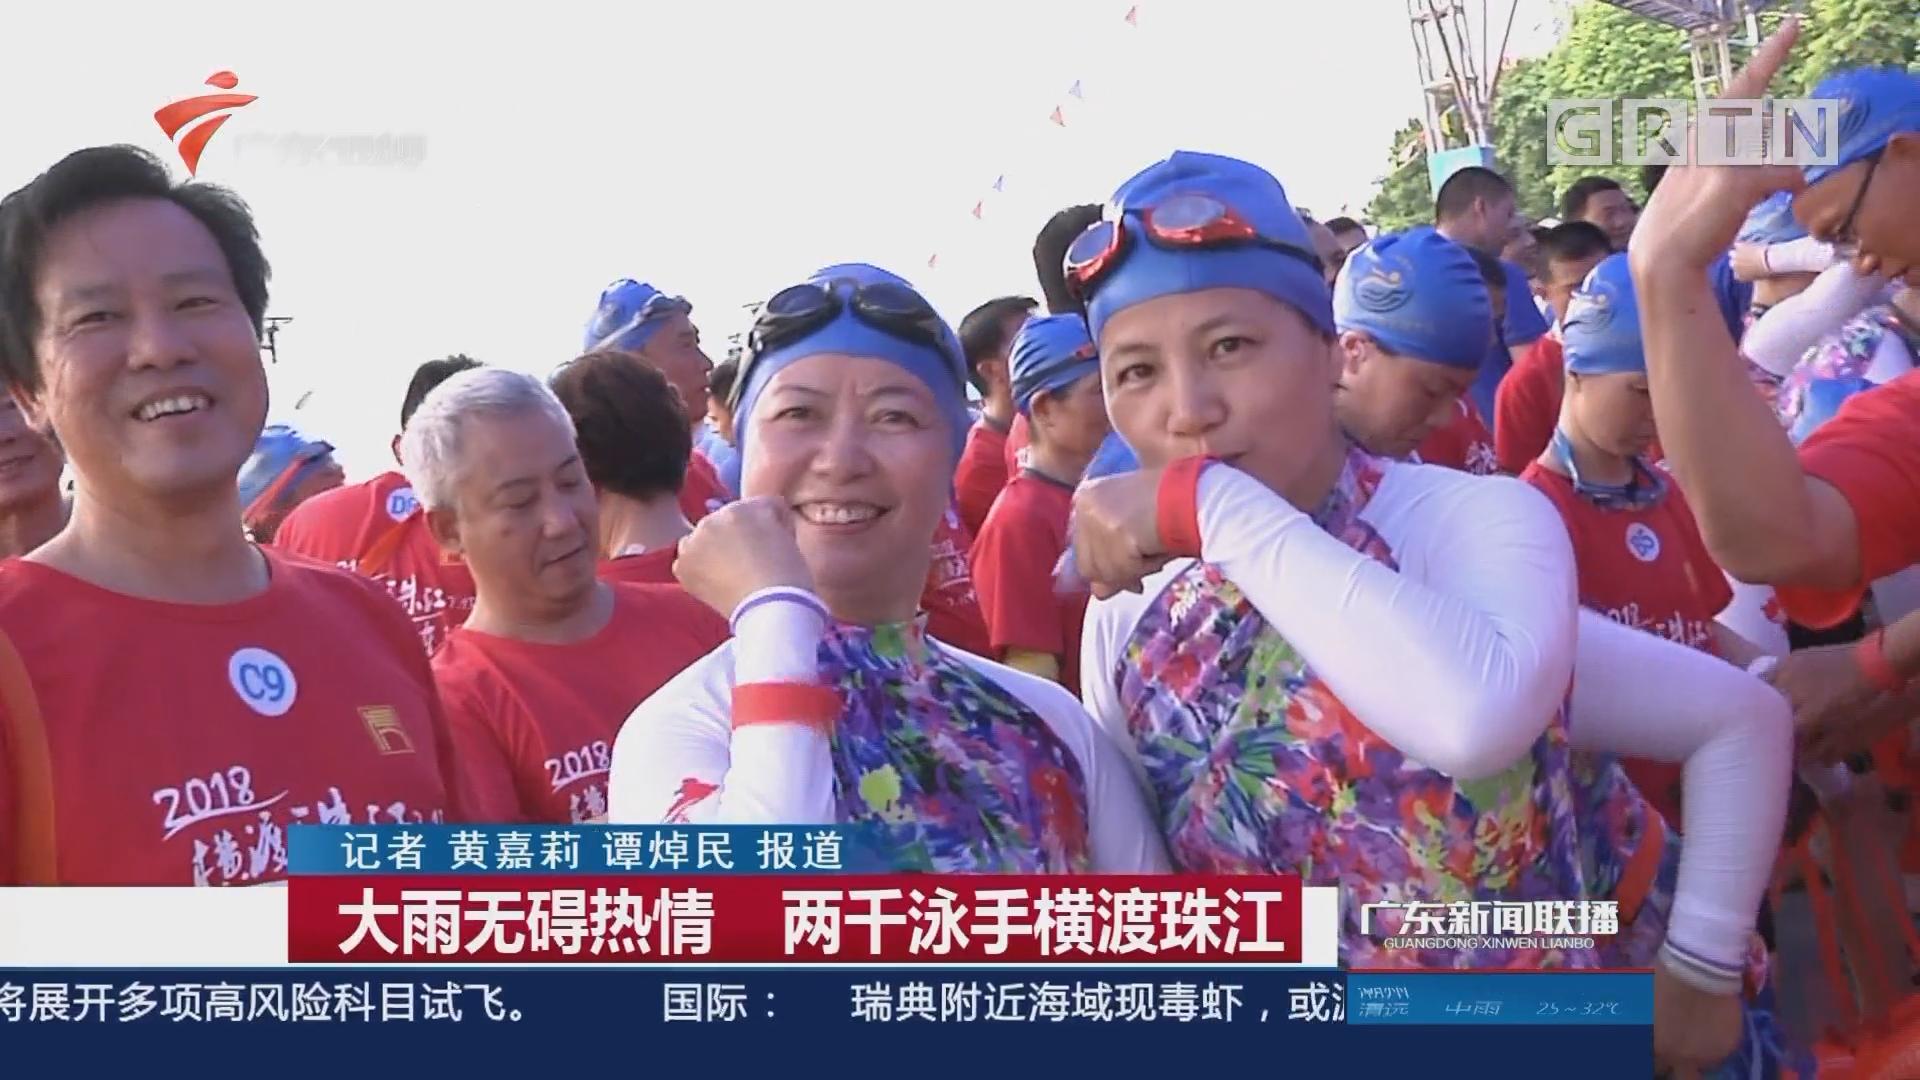 大雨无碍热情 两千泳手横渡珠江